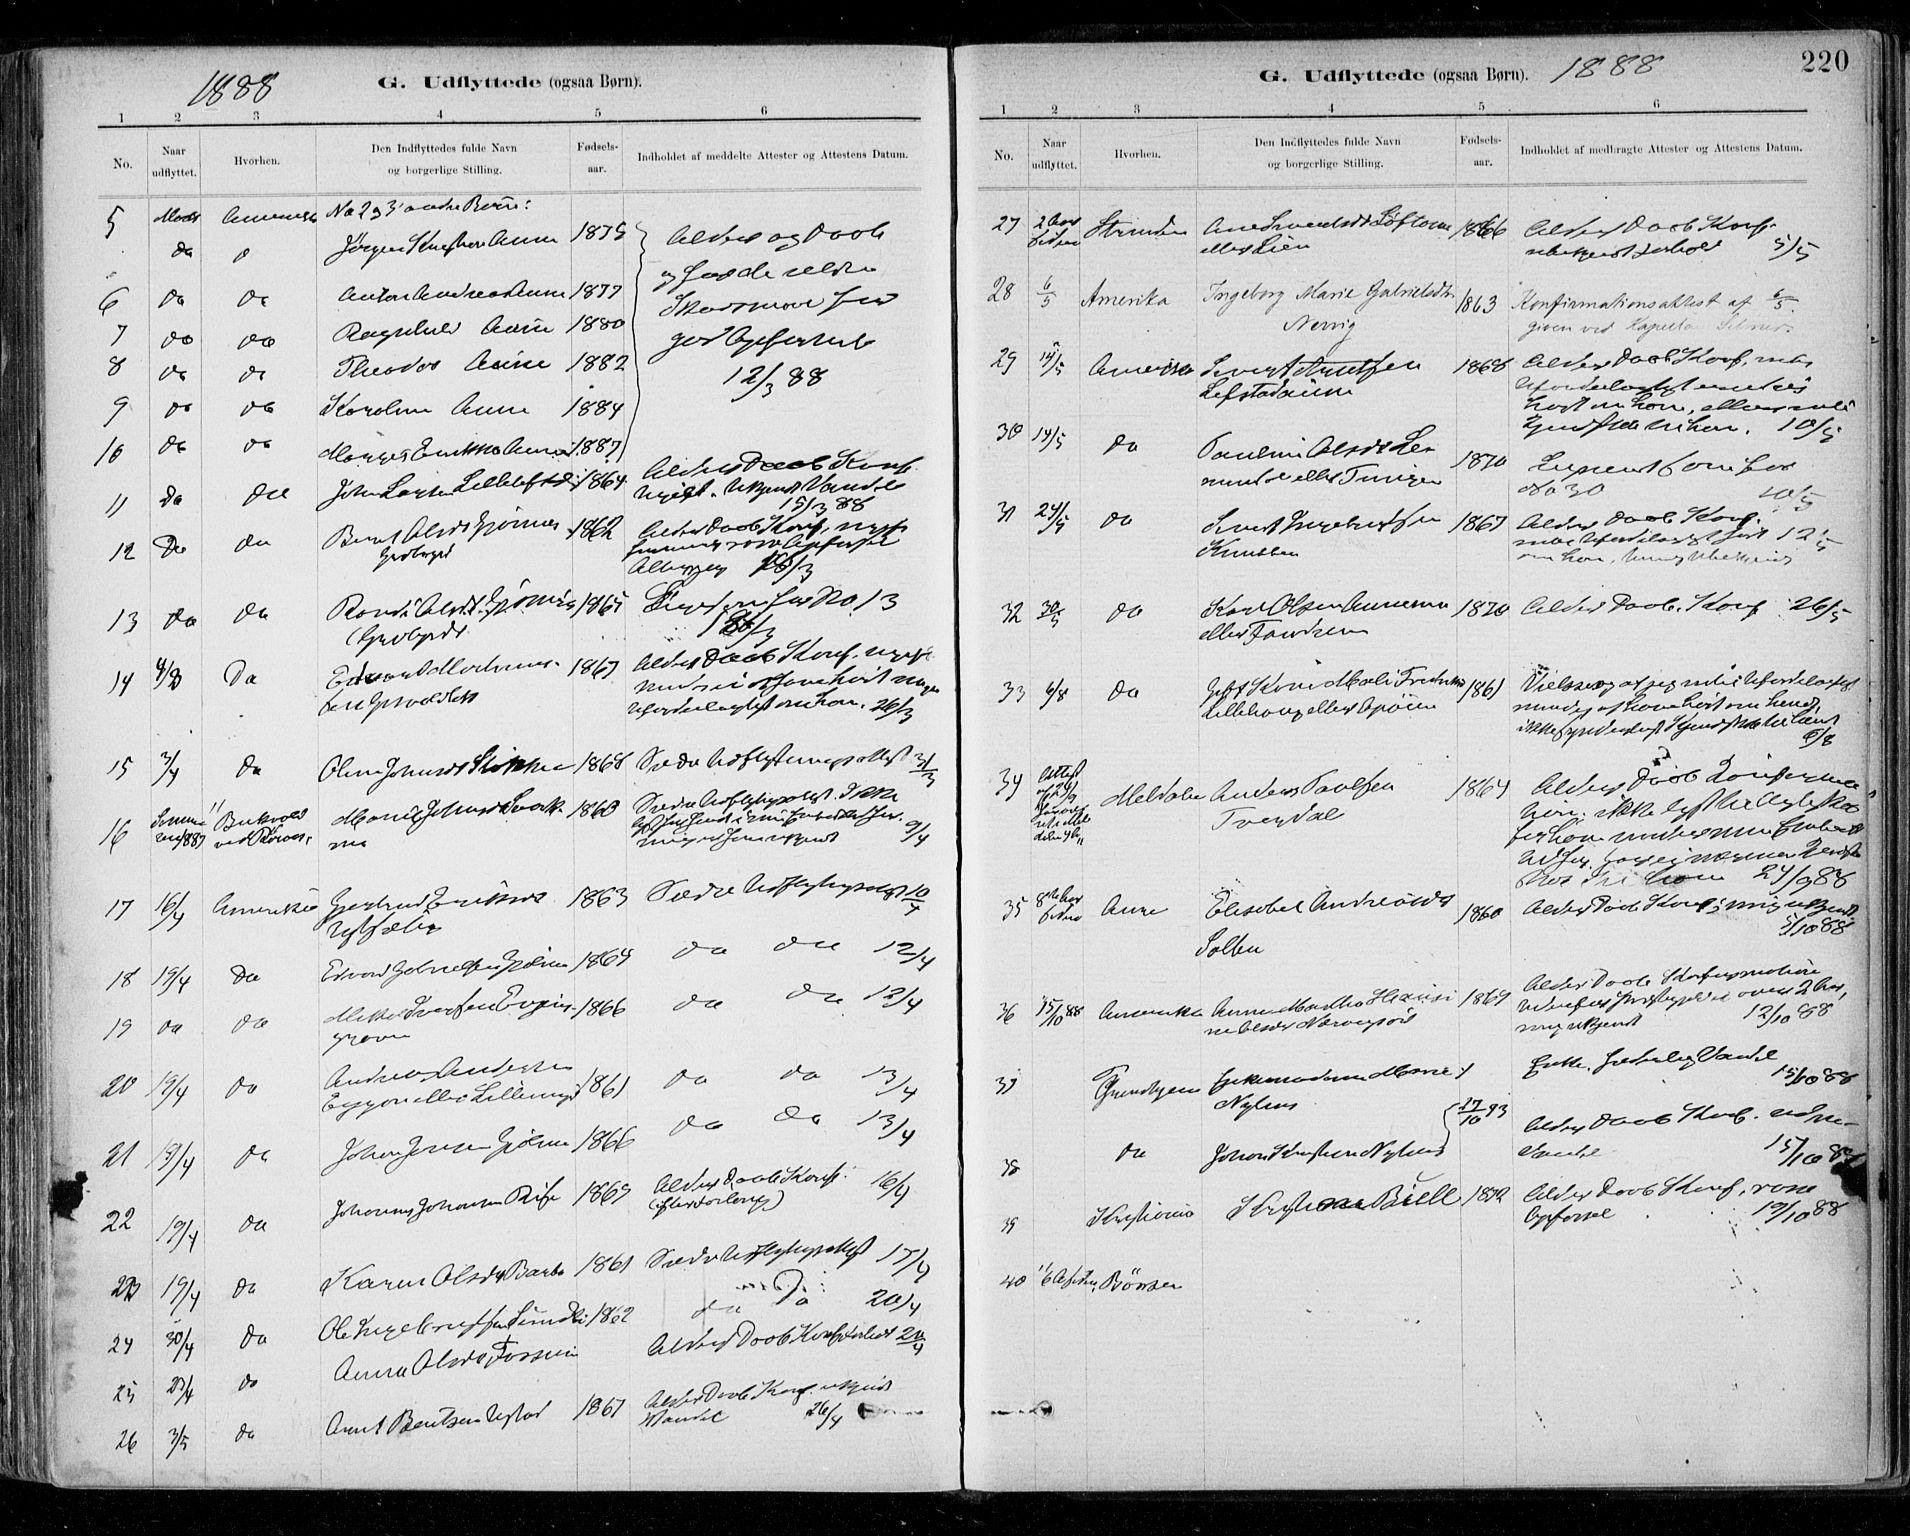 SAT, Ministerialprotokoller, klokkerbøker og fødselsregistre - Sør-Trøndelag, 668/L0810: Ministerialbok nr. 668A10, 1881-1894, s. 220